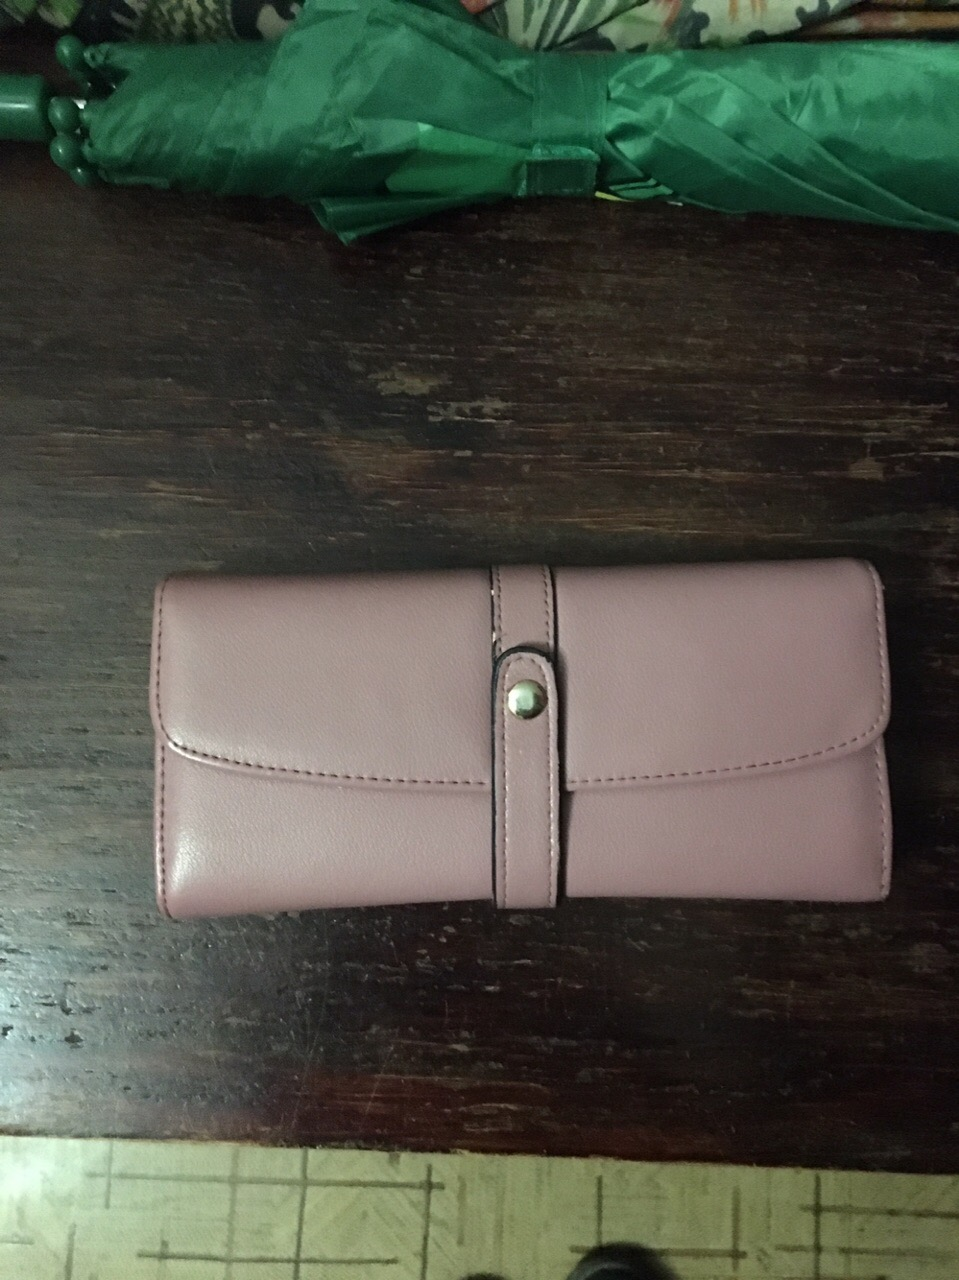 Найден кошелёк в «Пятерочке» на улице Ухтомского сегодня примерно в час дня